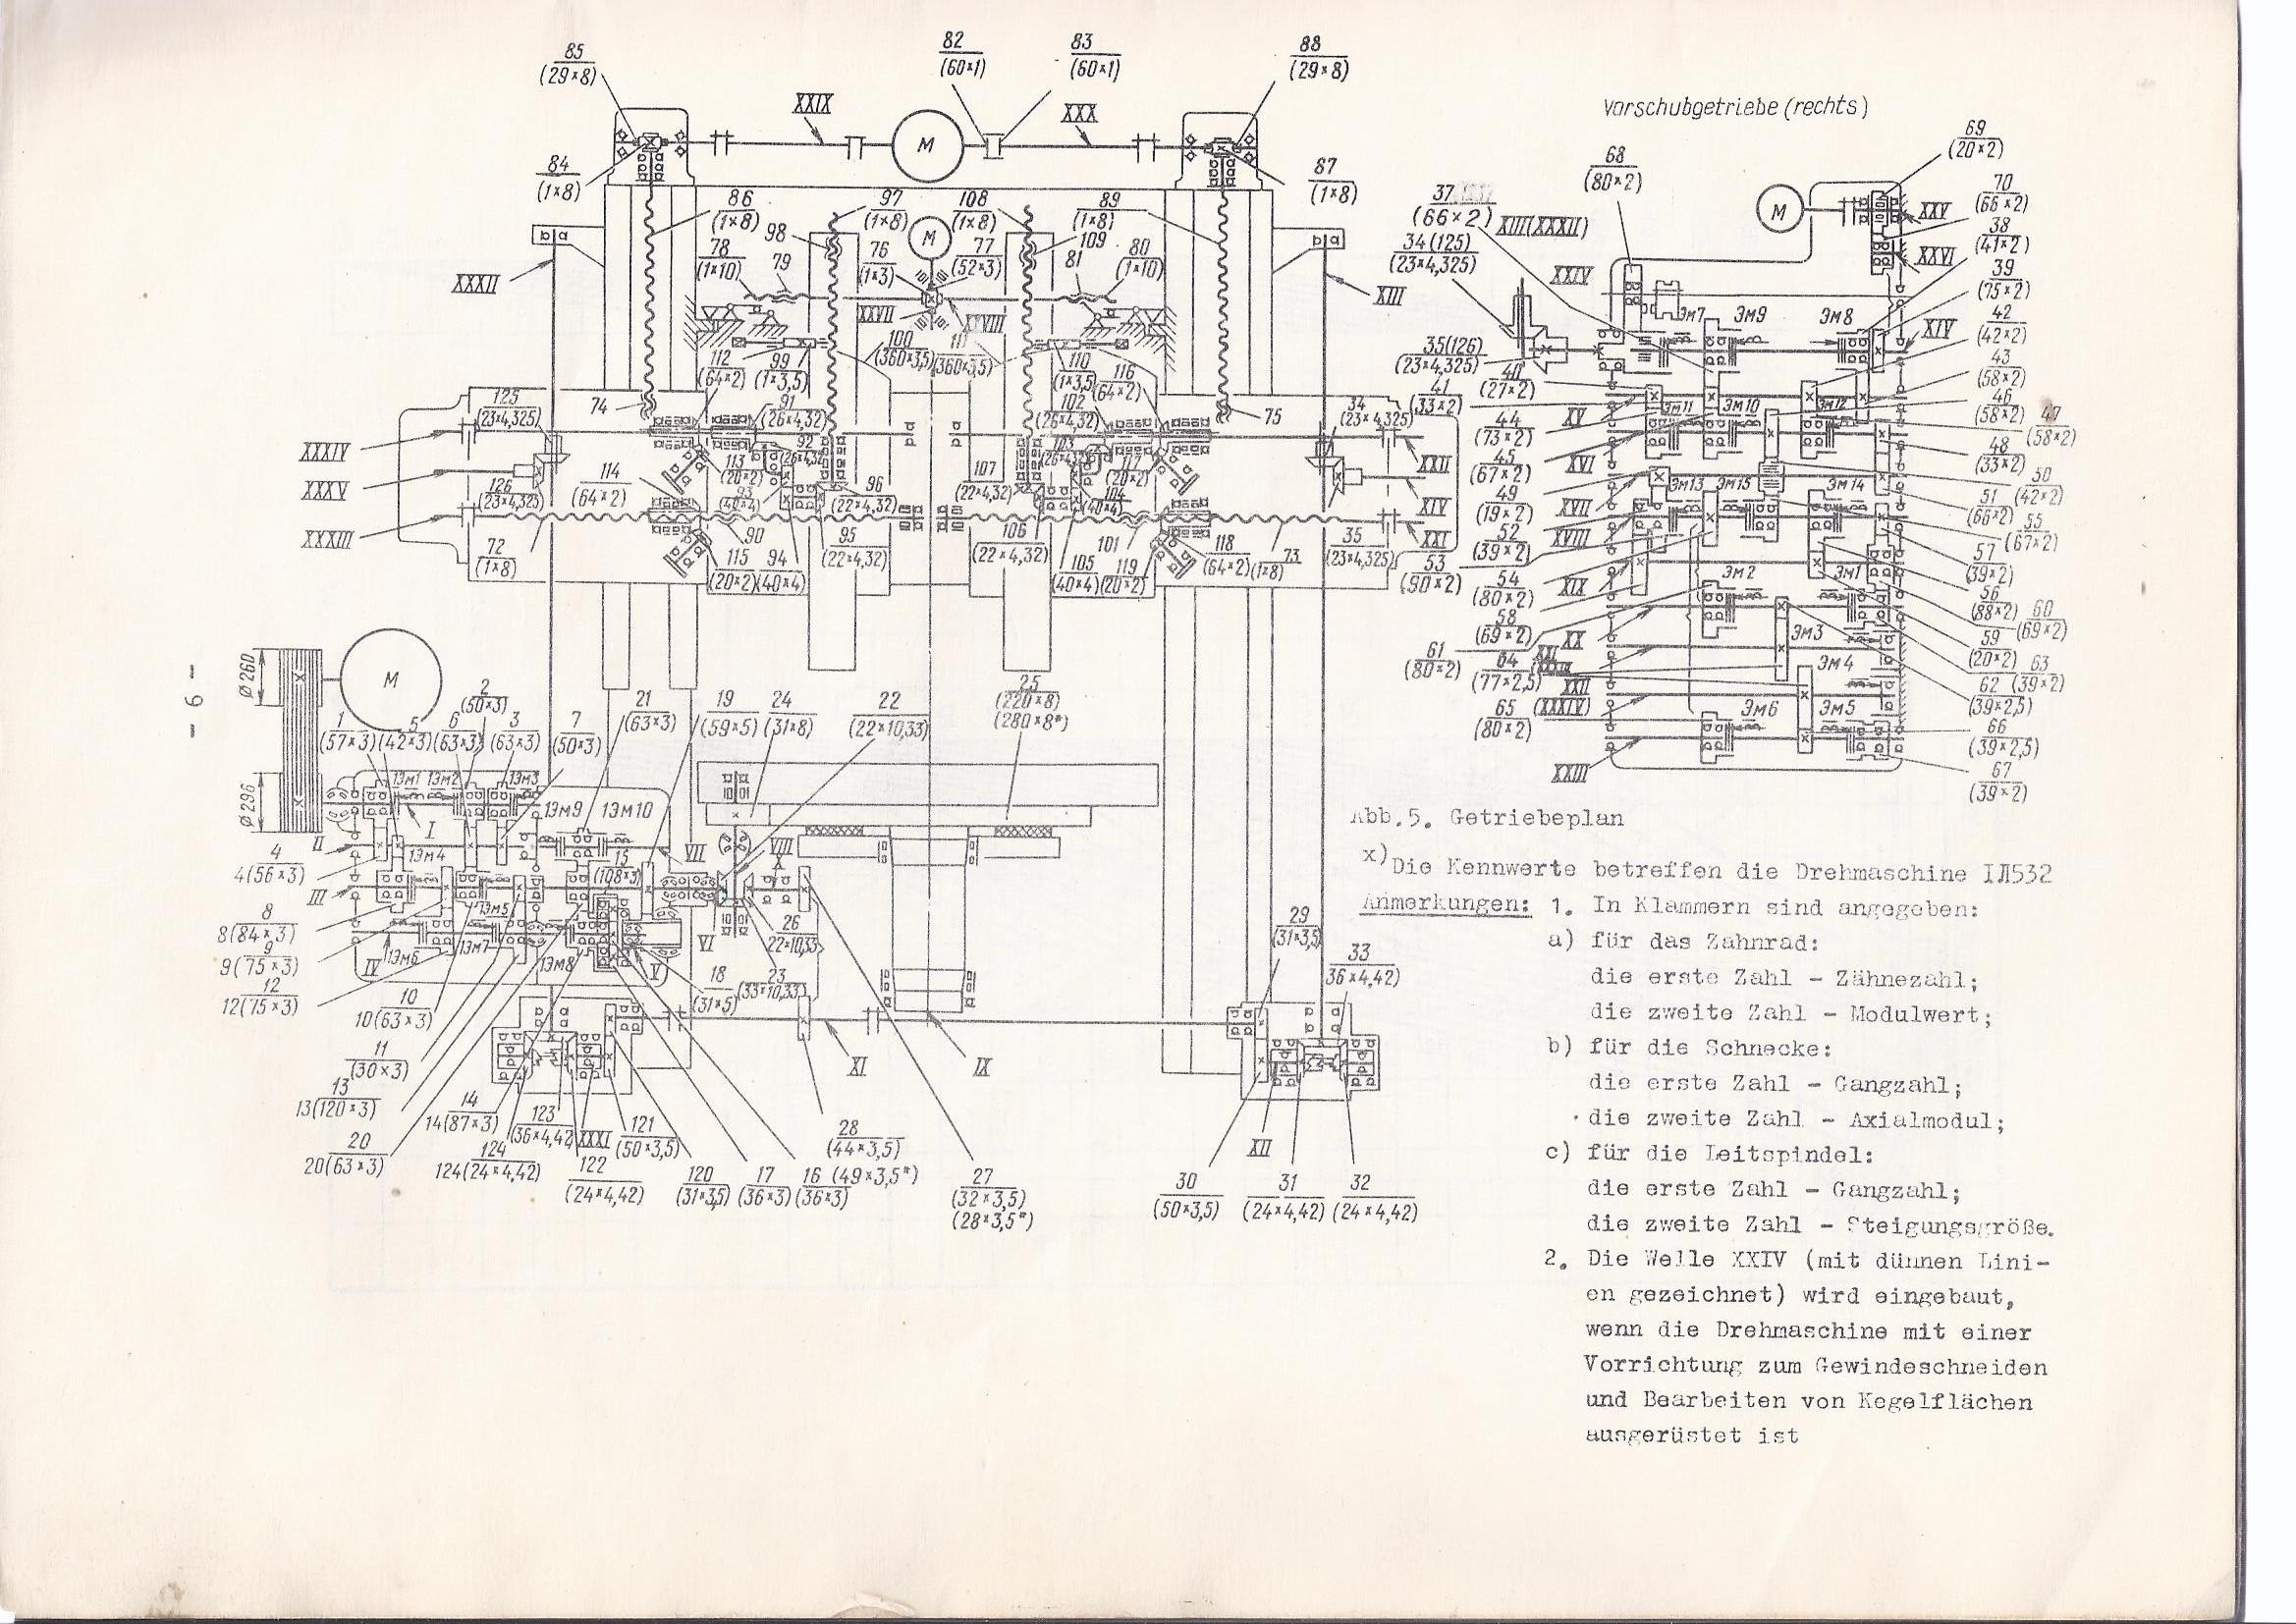 STANKO 1525 1L532 Getriebeplan